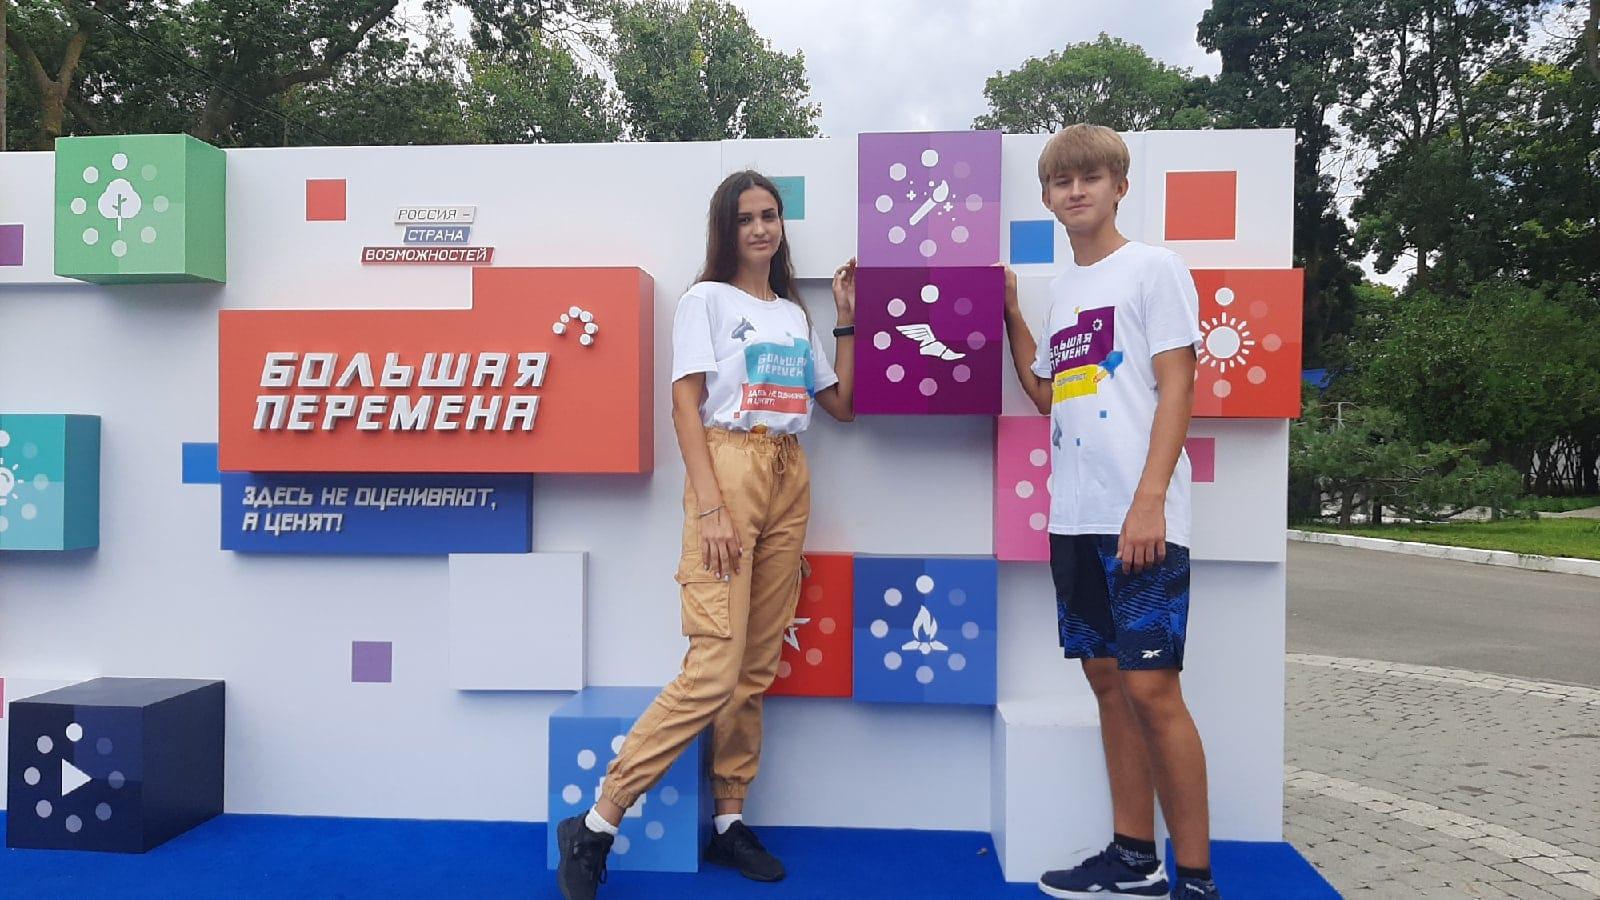 Миллеровские школьники участвуют в полуфинале «Большой перемены»